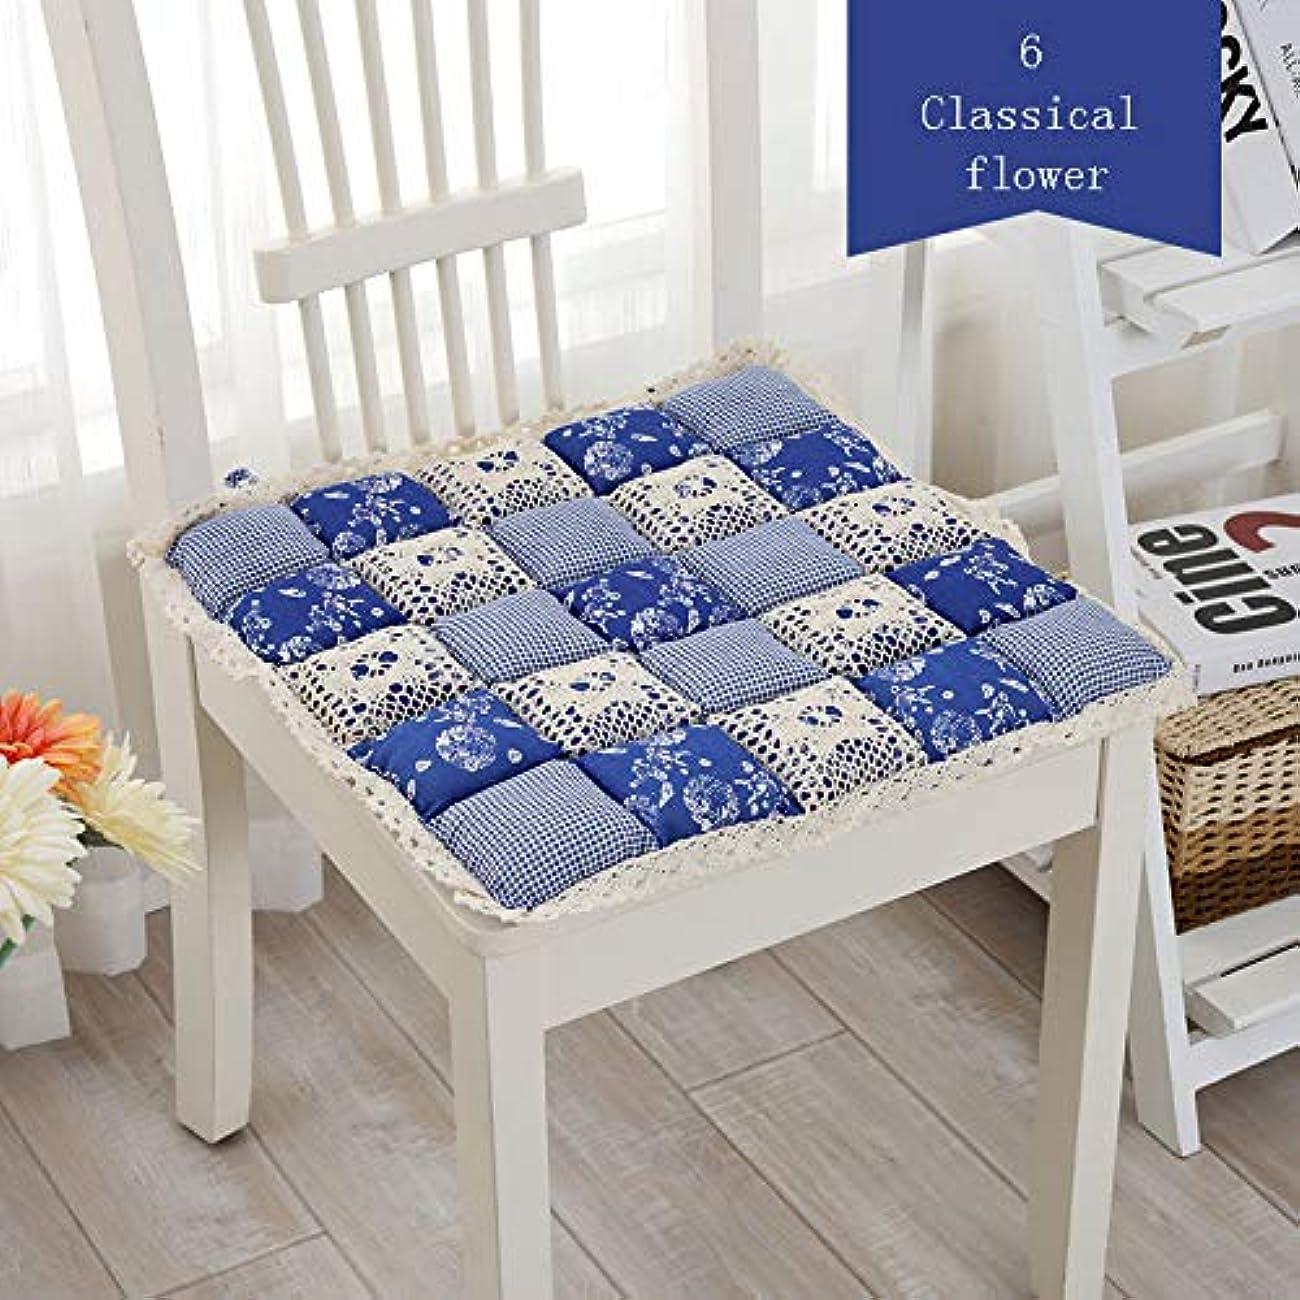 ソロメッセンジャー留まるLIFE 1 個抗褥瘡綿椅子クッション 24 色ファッションオフィス正方形クッション学生チェアクッション家の装飾厚み クッション 椅子